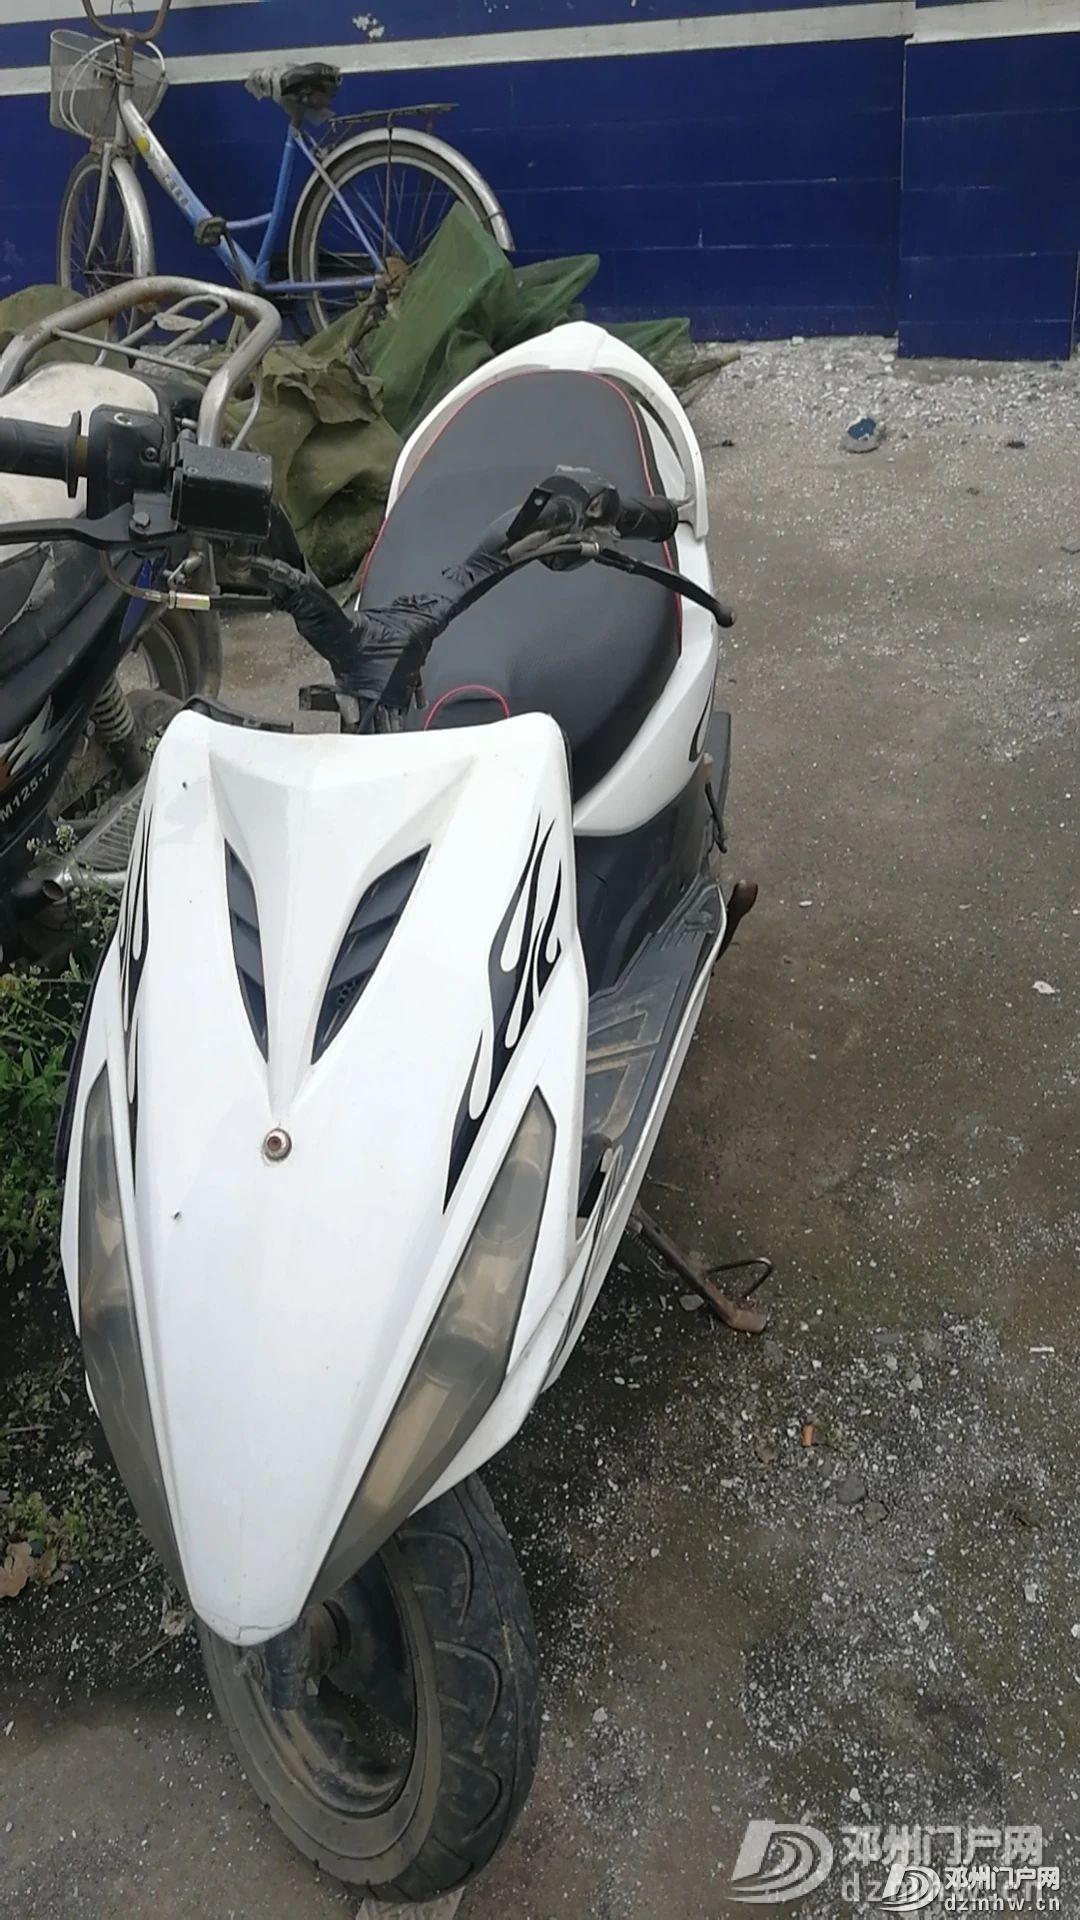 【认领启事】邓州谁的摩托车丢了,速来领取! - 邓州门户网|邓州网 - b08377dbf730b4ea6ad1d02b19085443.jpg